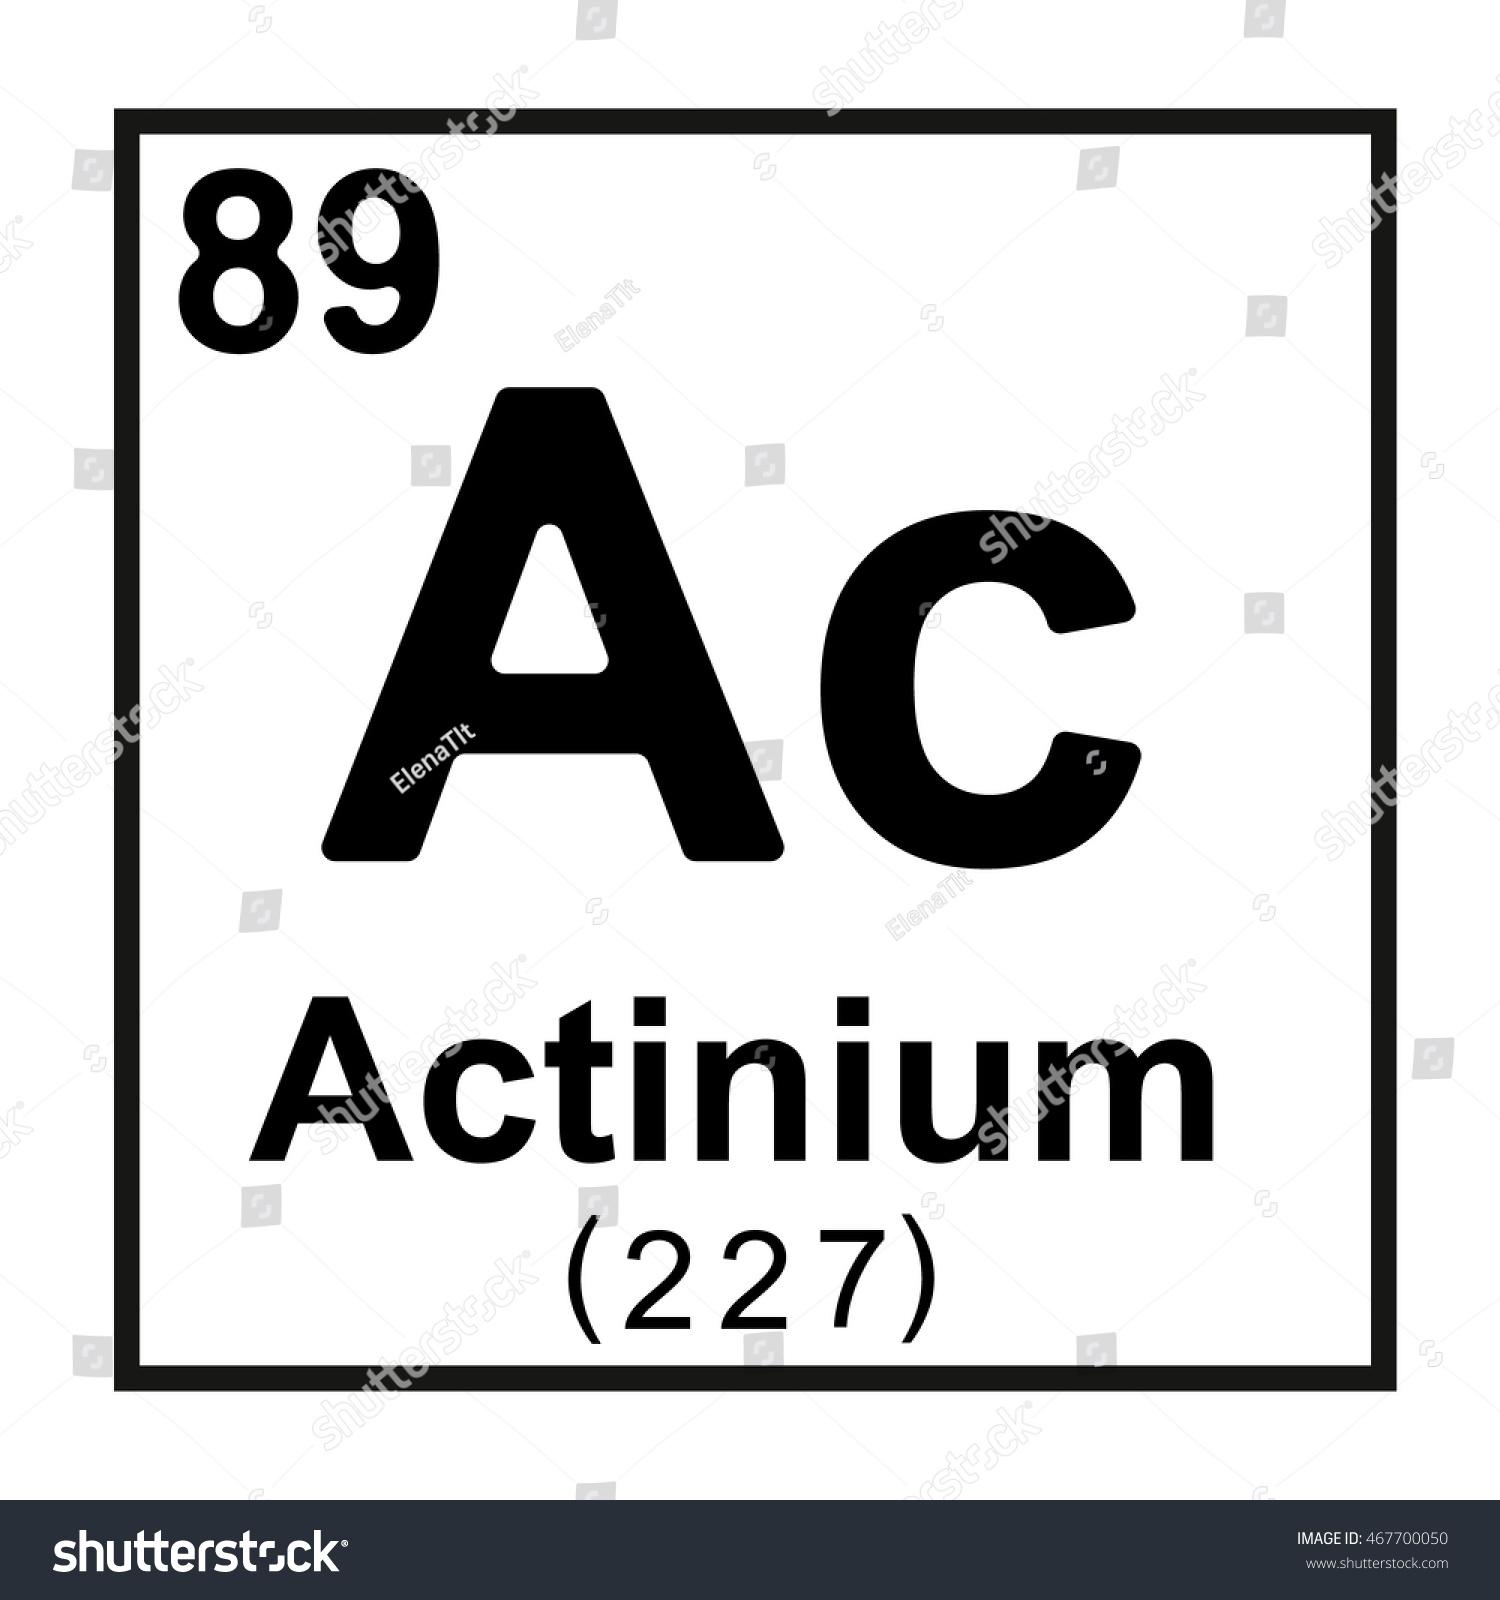 Periodic table element actinium stock vector 467700050 shutterstock periodic table element actinium urtaz Images